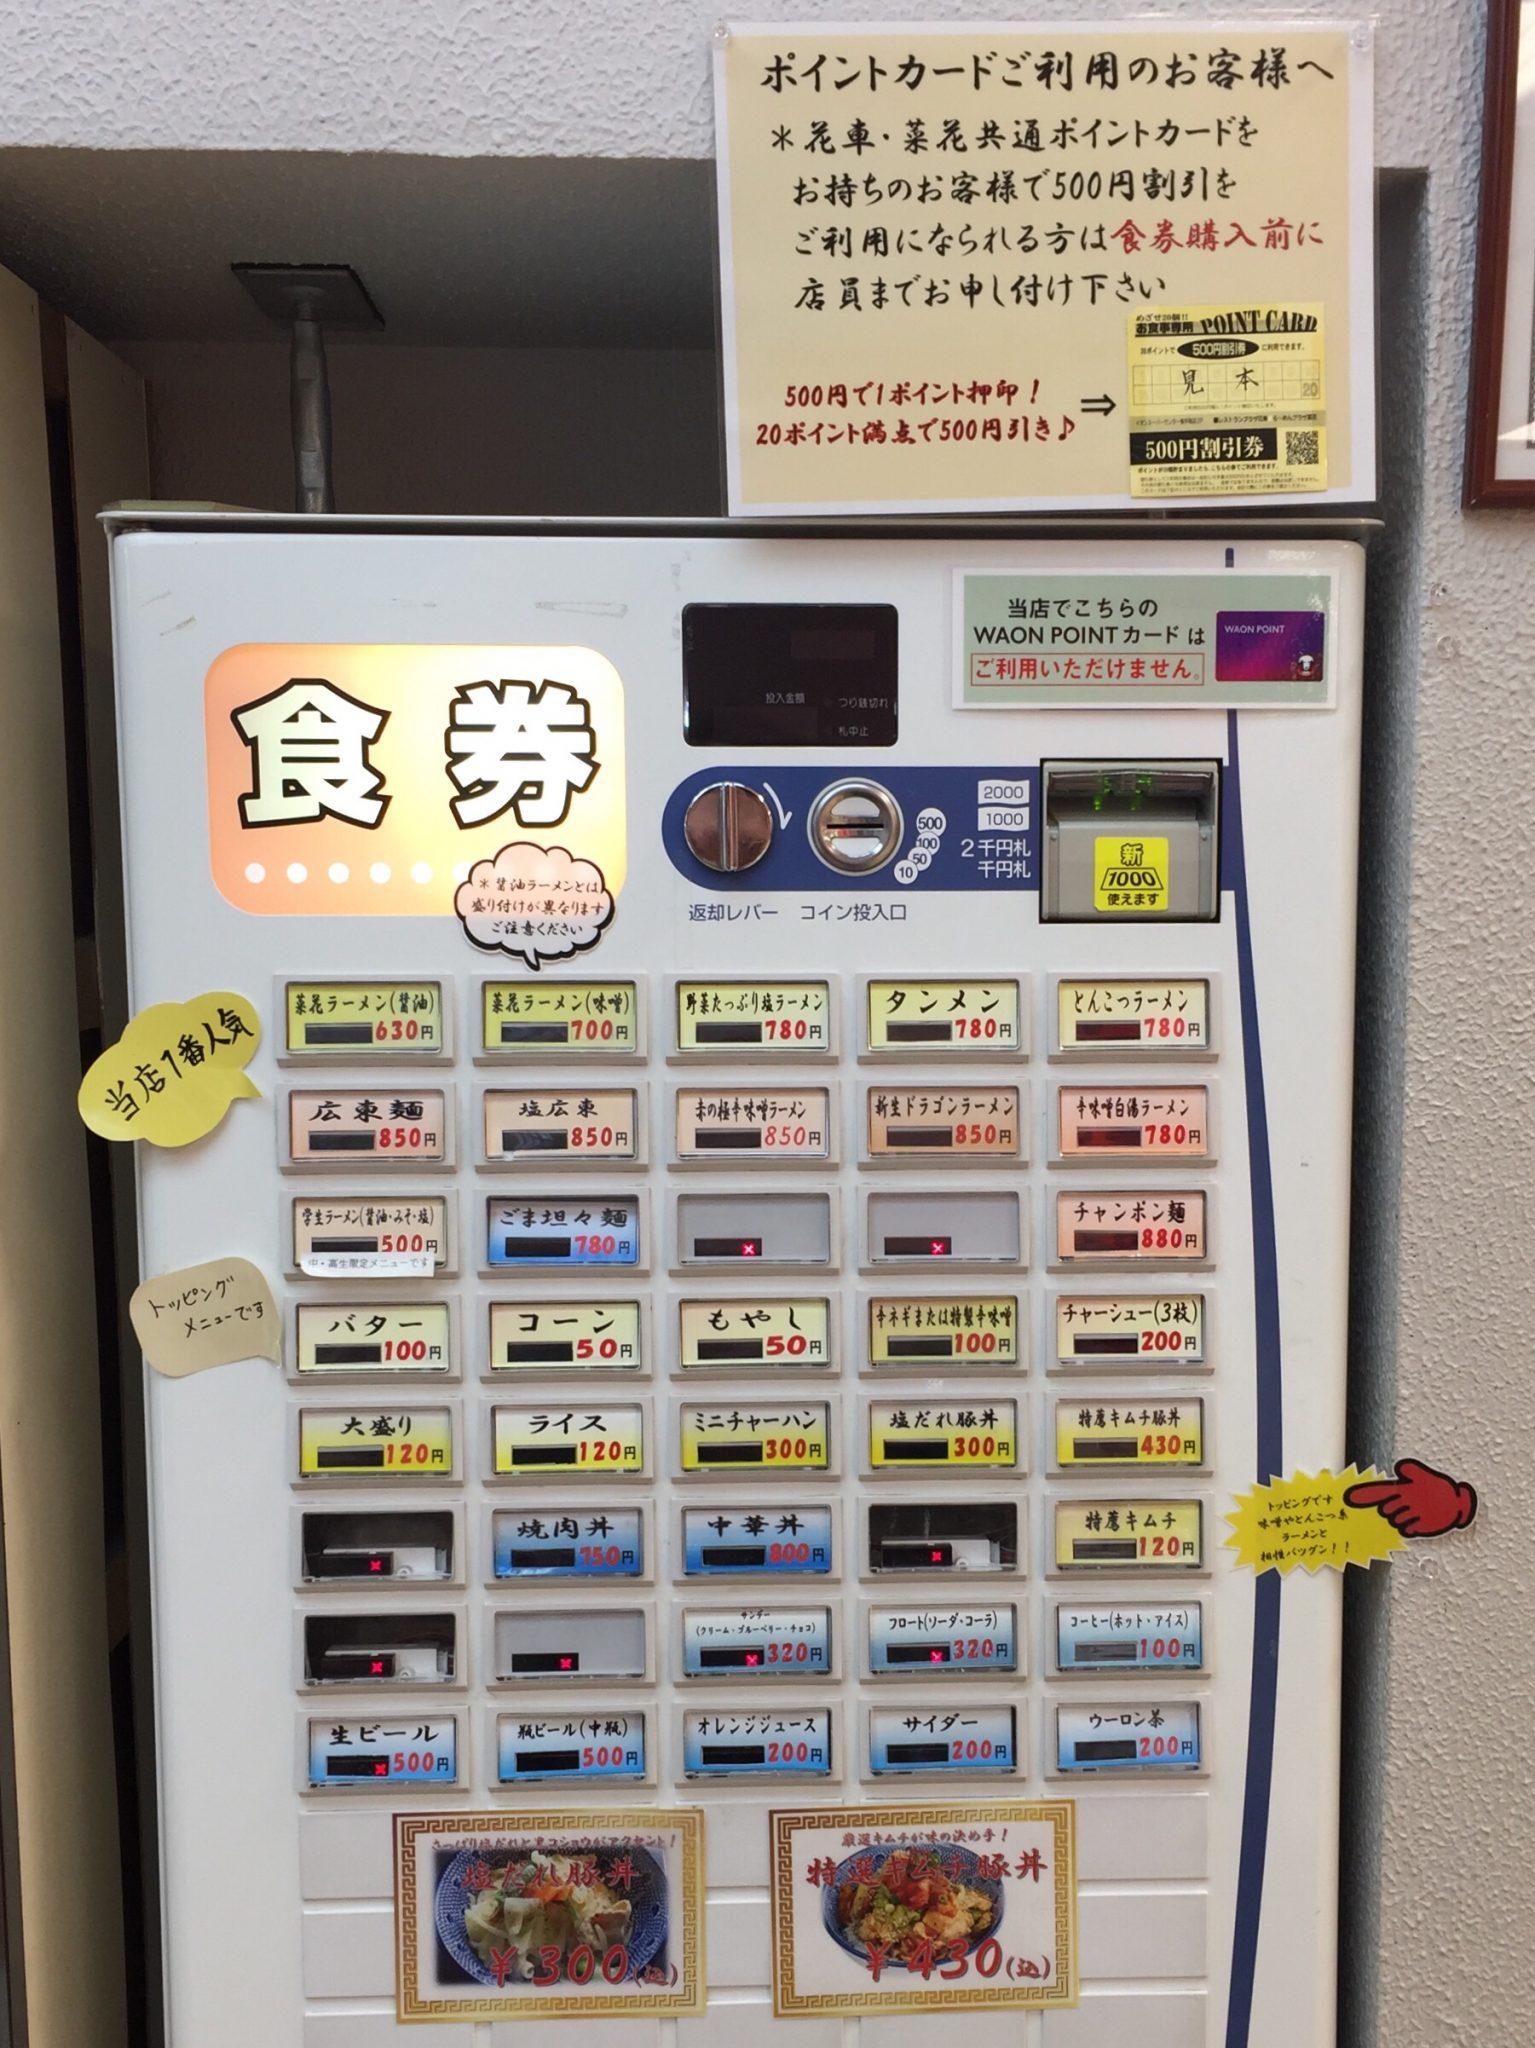 らーめんプラザ菜花 横手店 券売機 メニュー